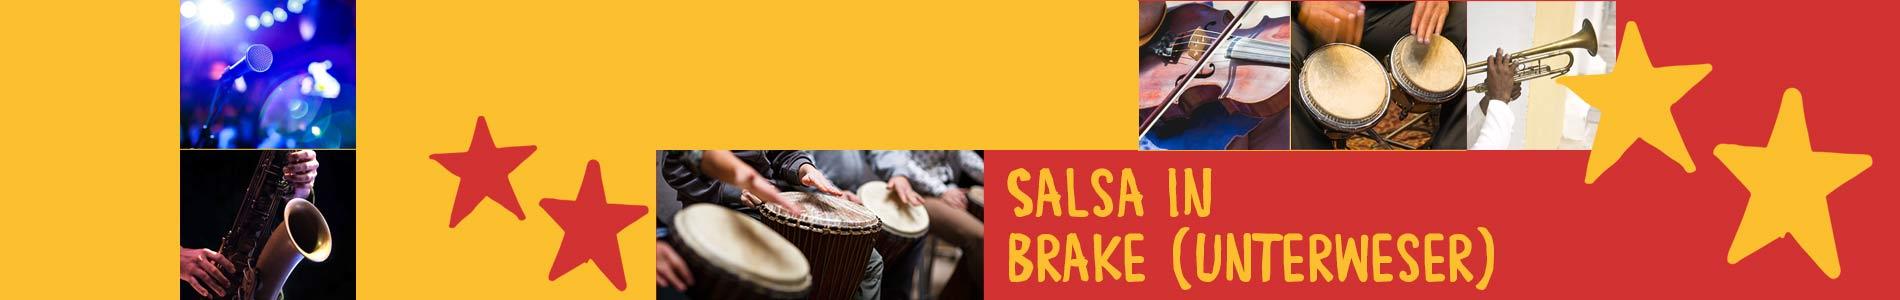 Salsa in Brake (Unterweser) – Salsa lernen und tanzen, Tanzkurse, Partys, Veranstaltungen